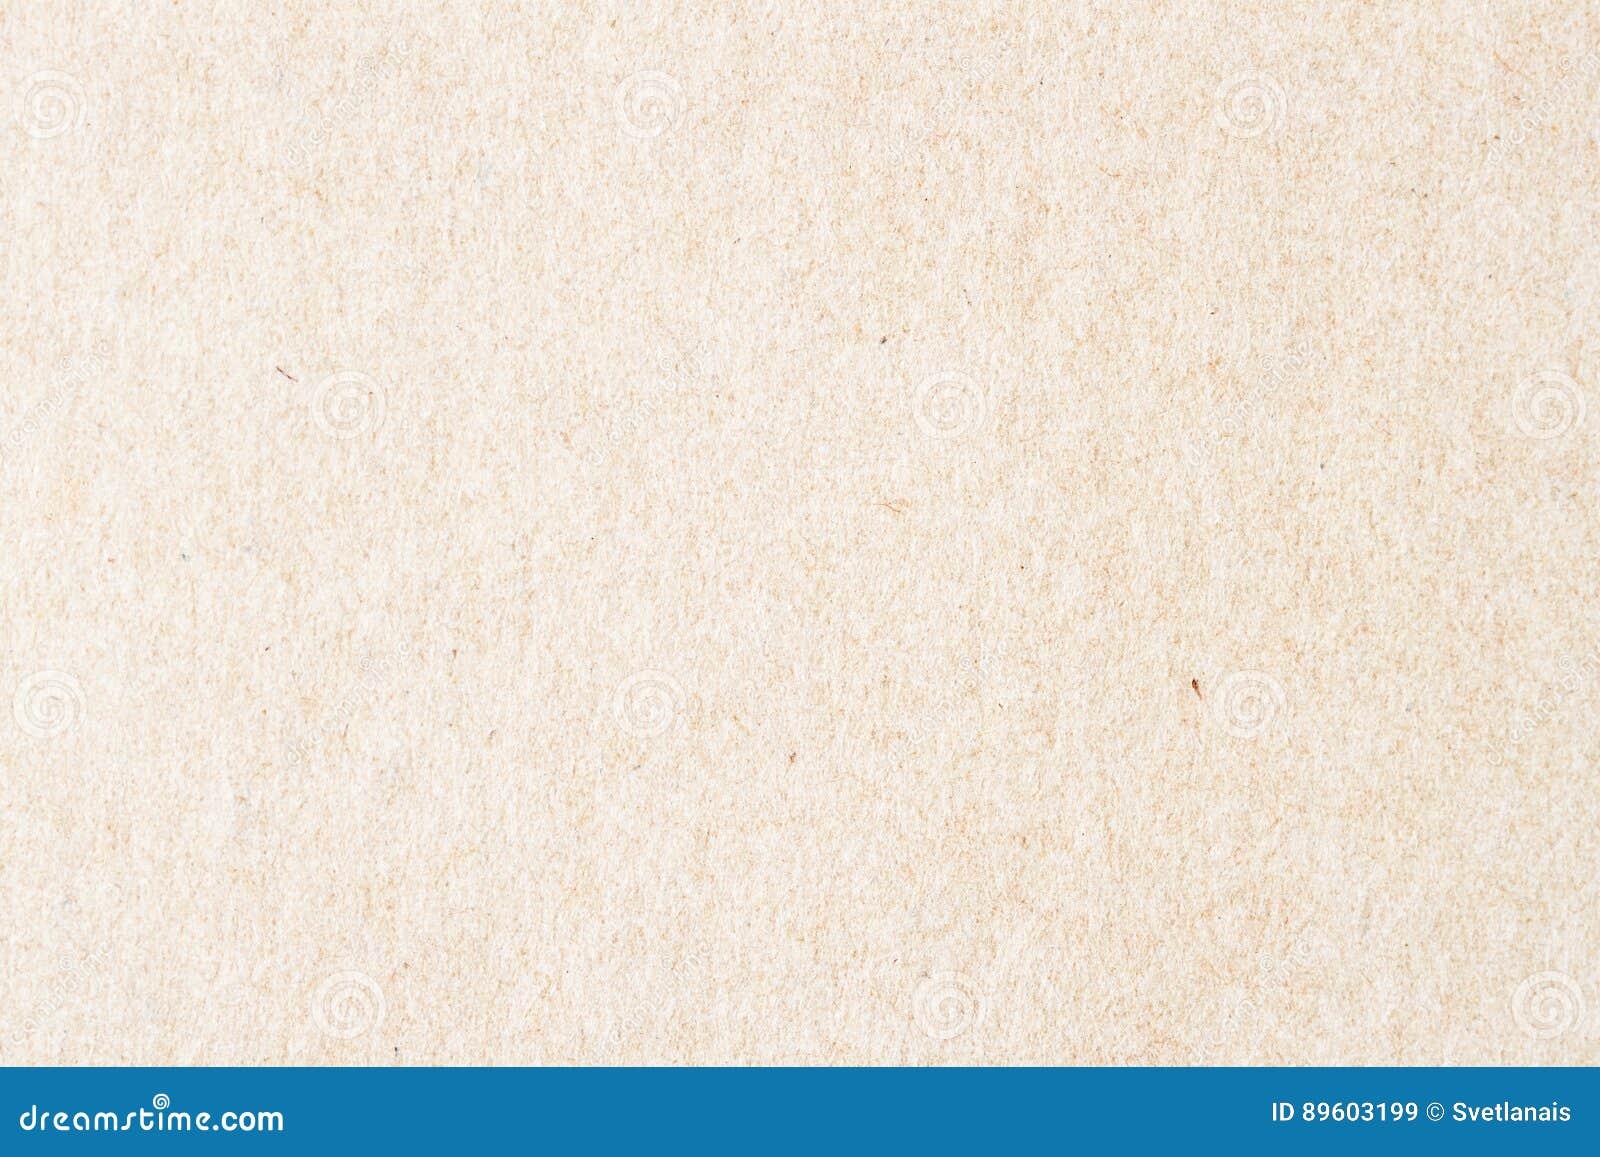 Textura do papel orgânico velho do creme claro Material reciclável com inclusões pequenas da celulose fundo, contexto